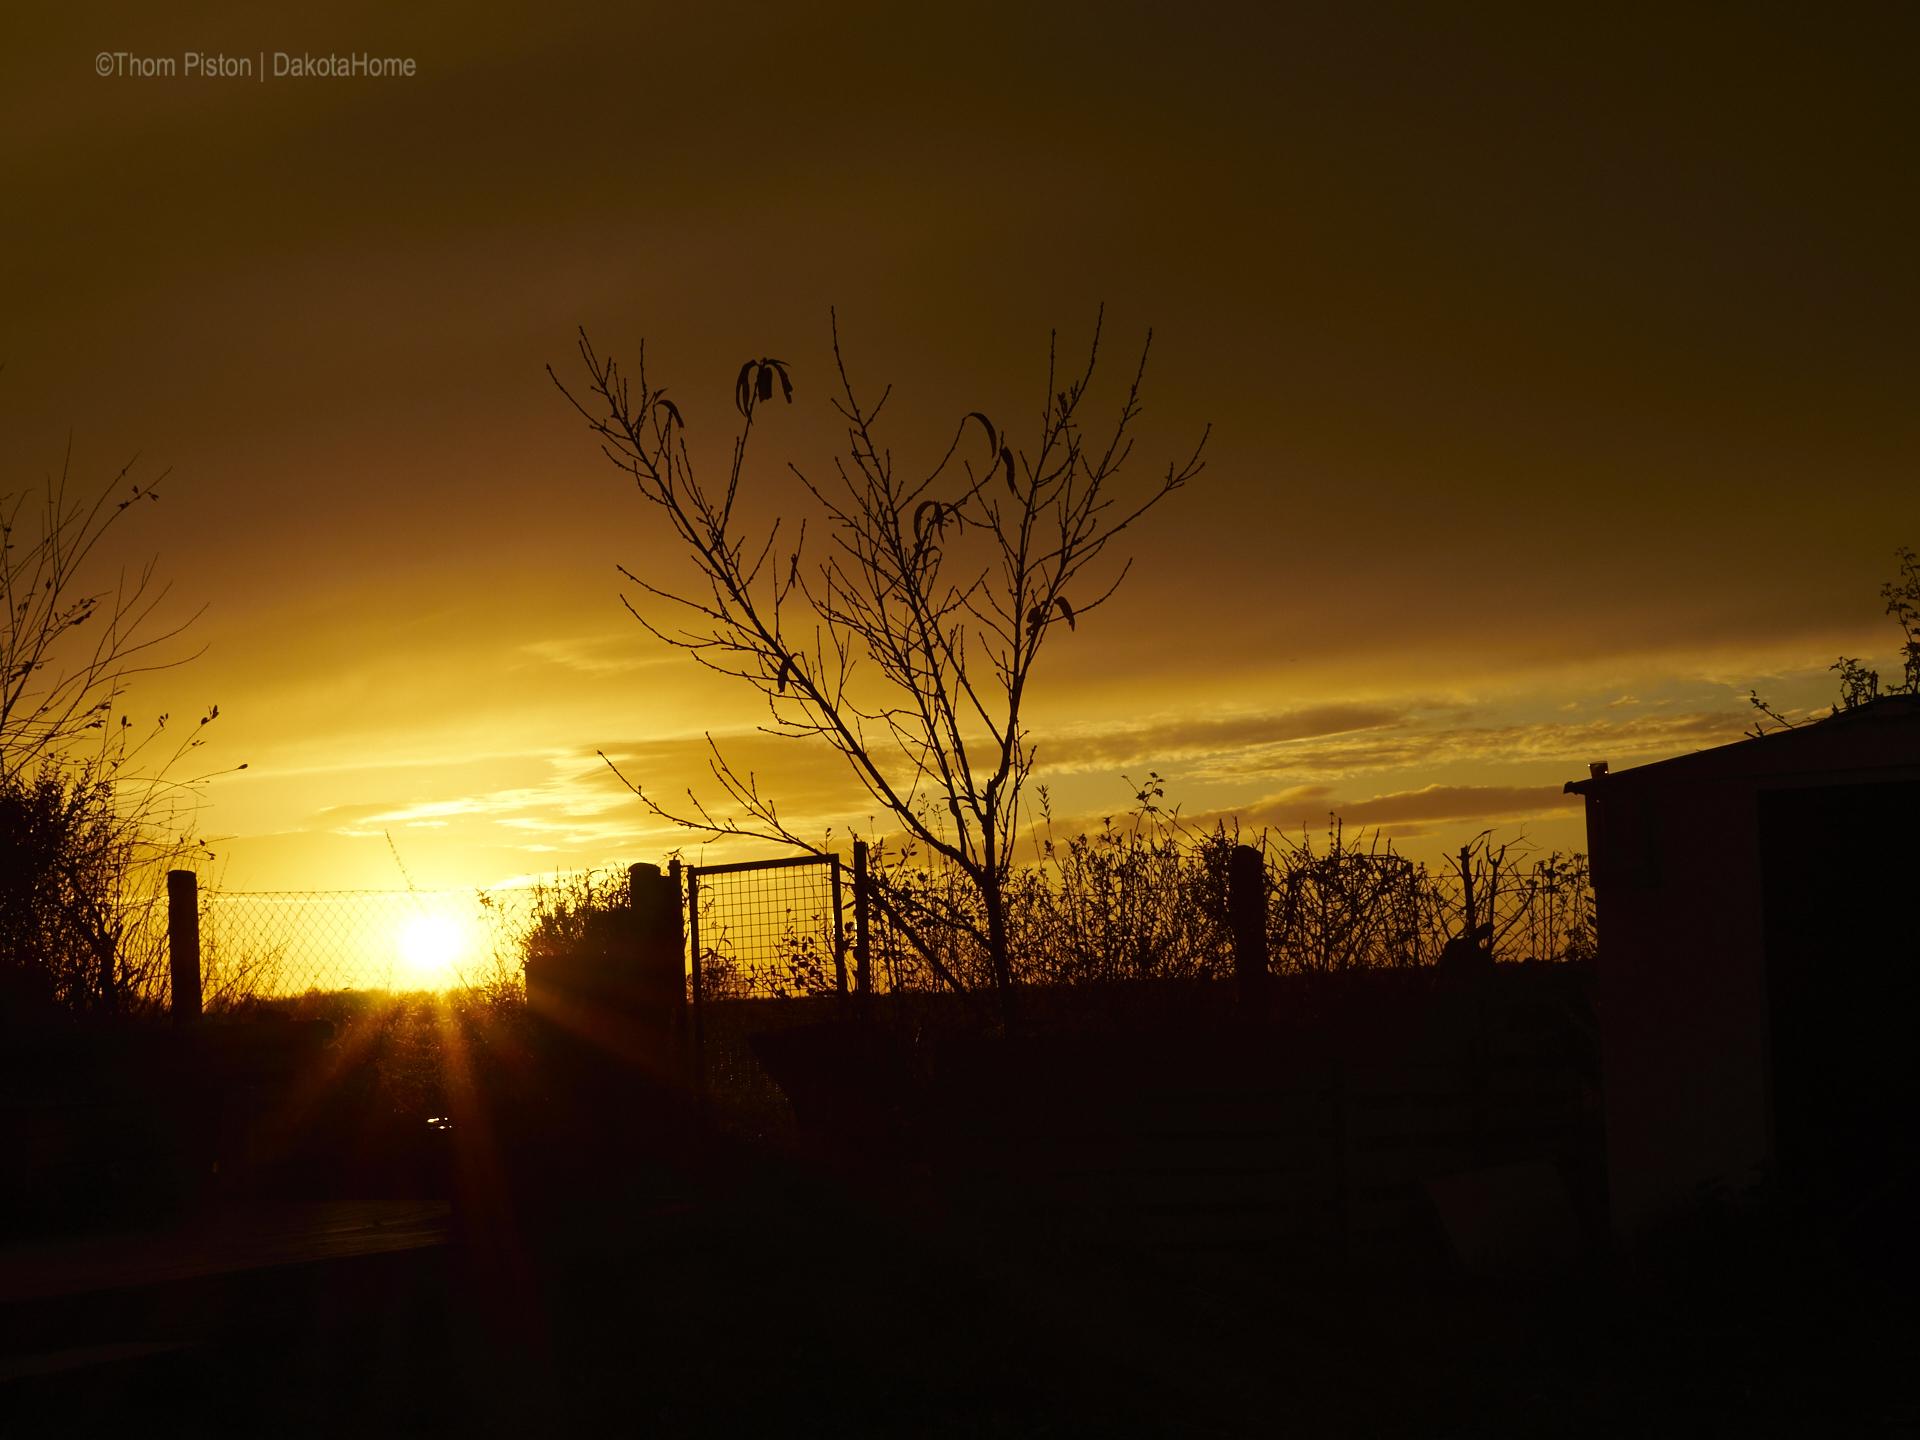 Sonnenuntergang Dakota Home ende November 2017